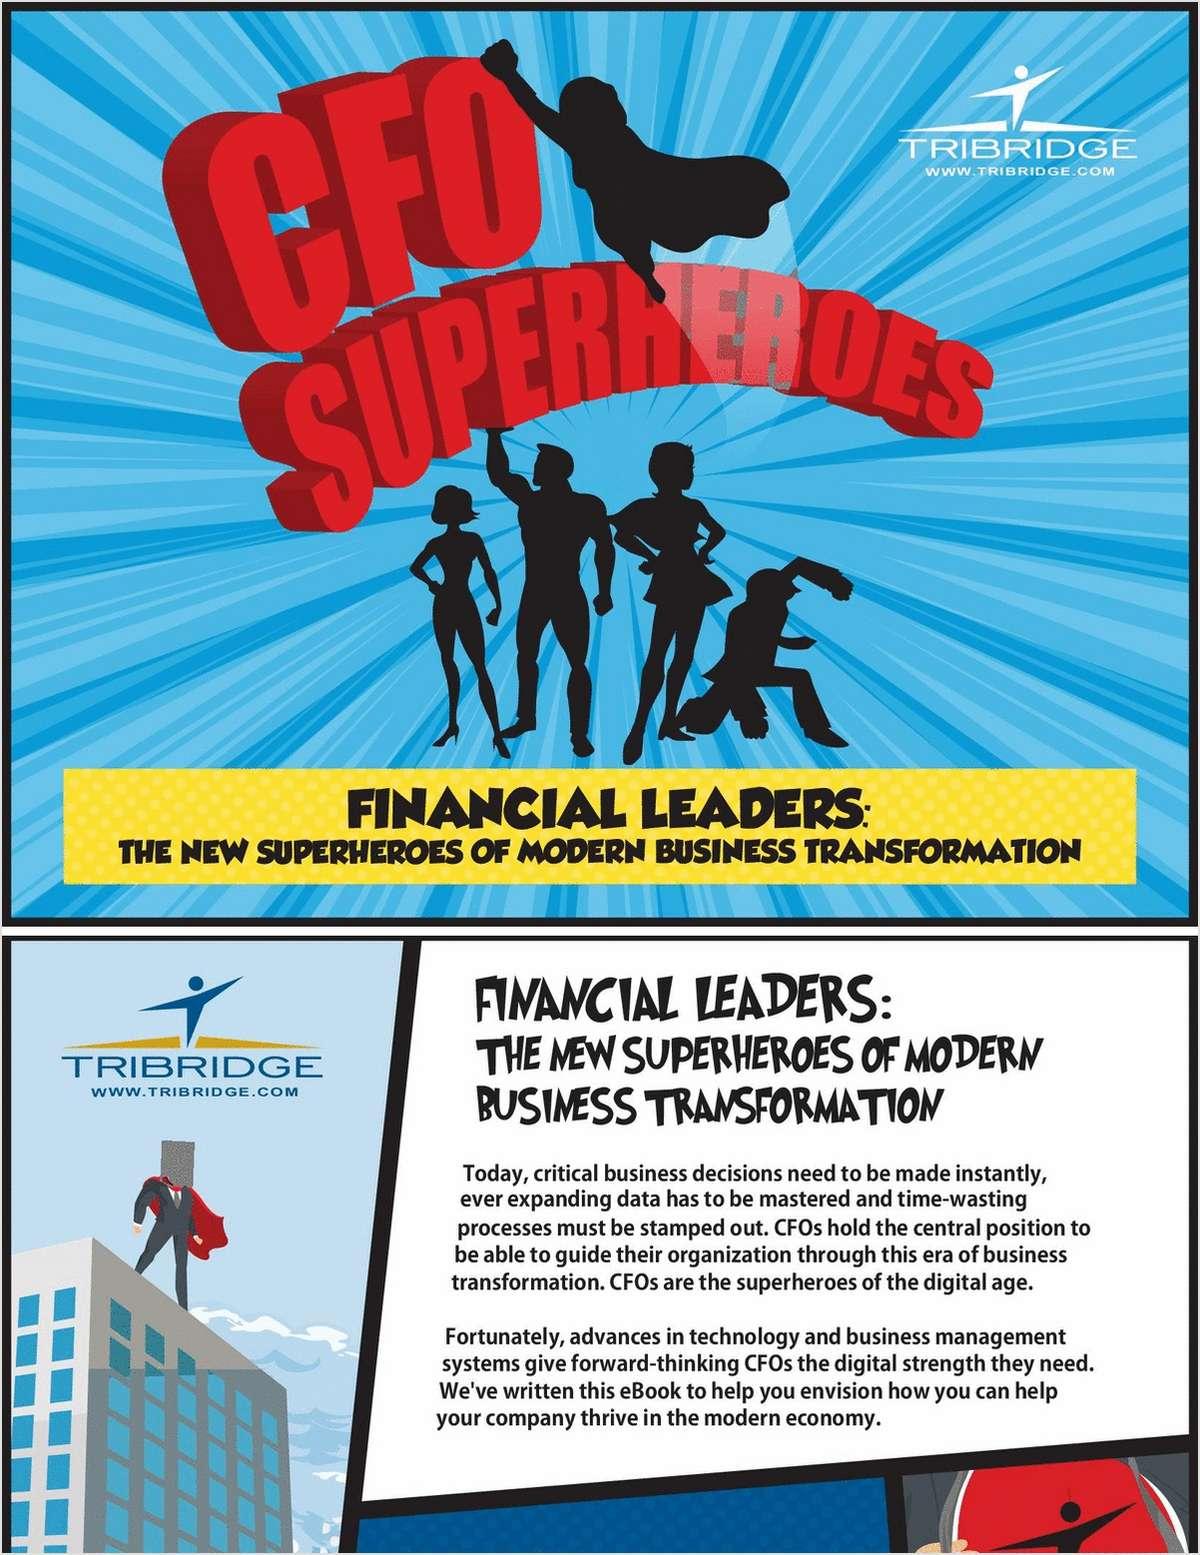 CFO SUPERHEROES